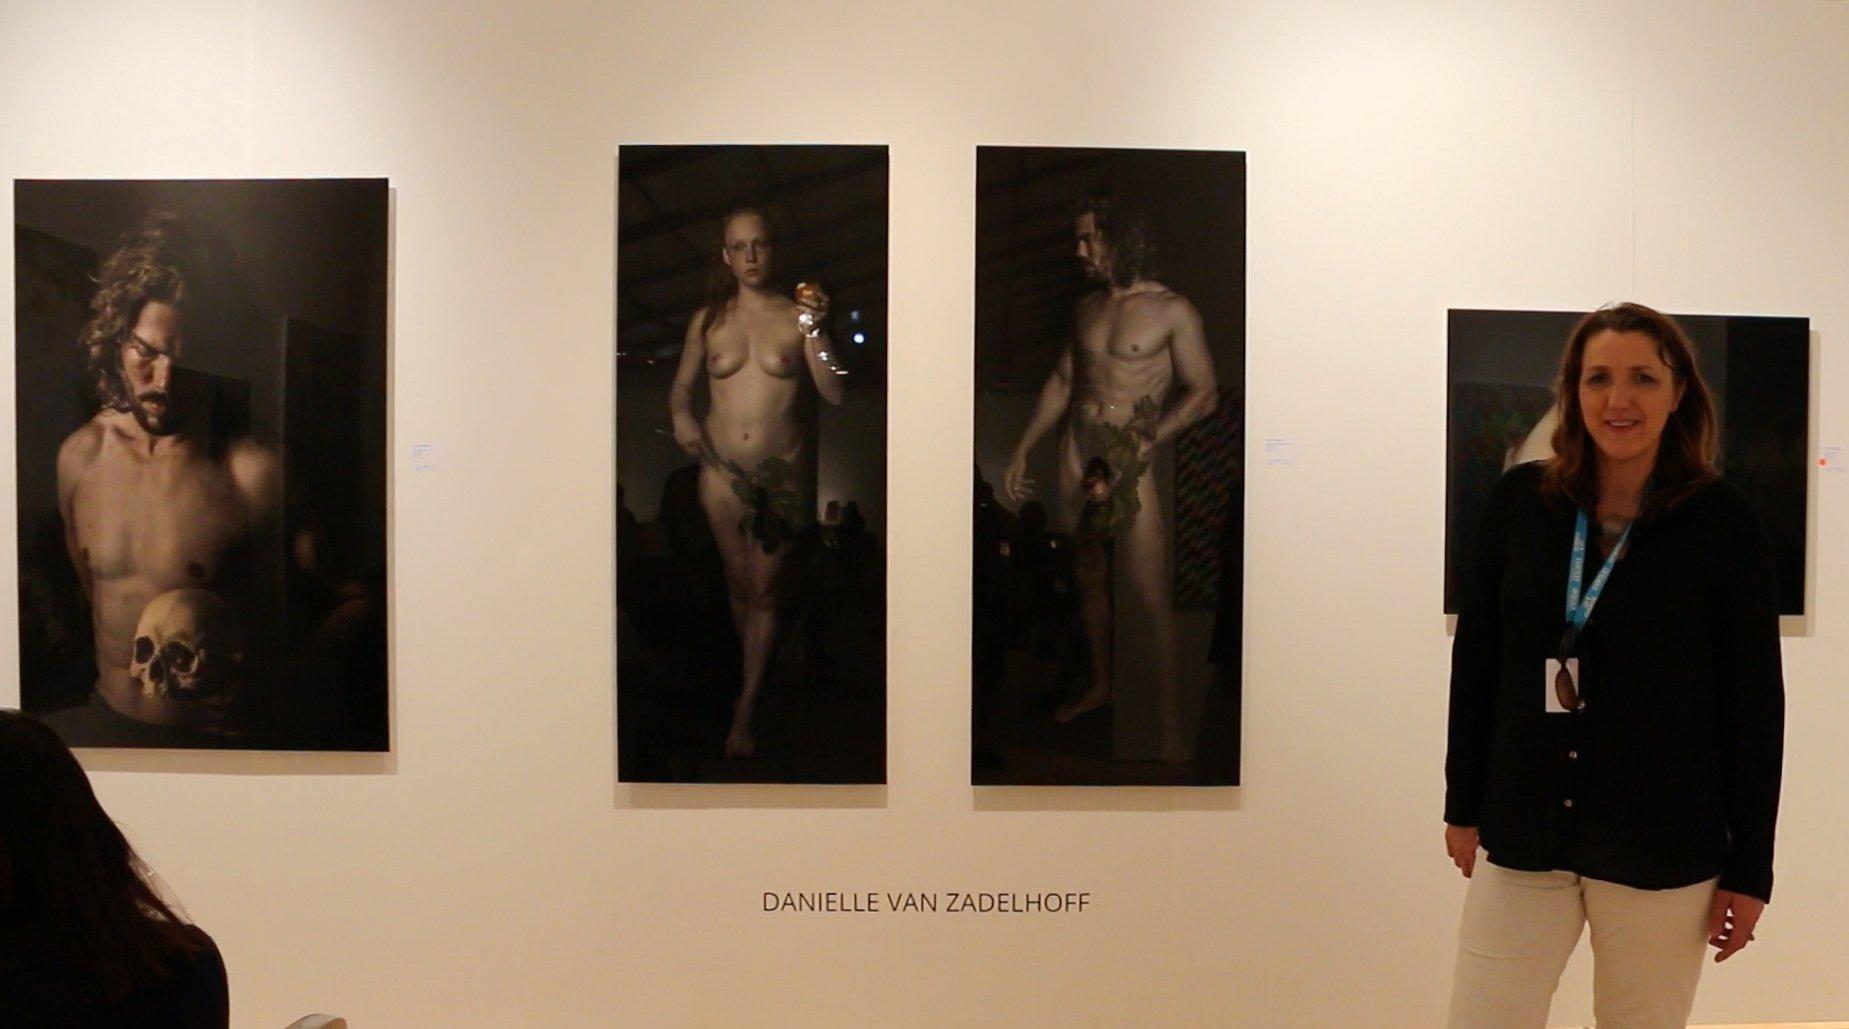 DanielleZadelhoff